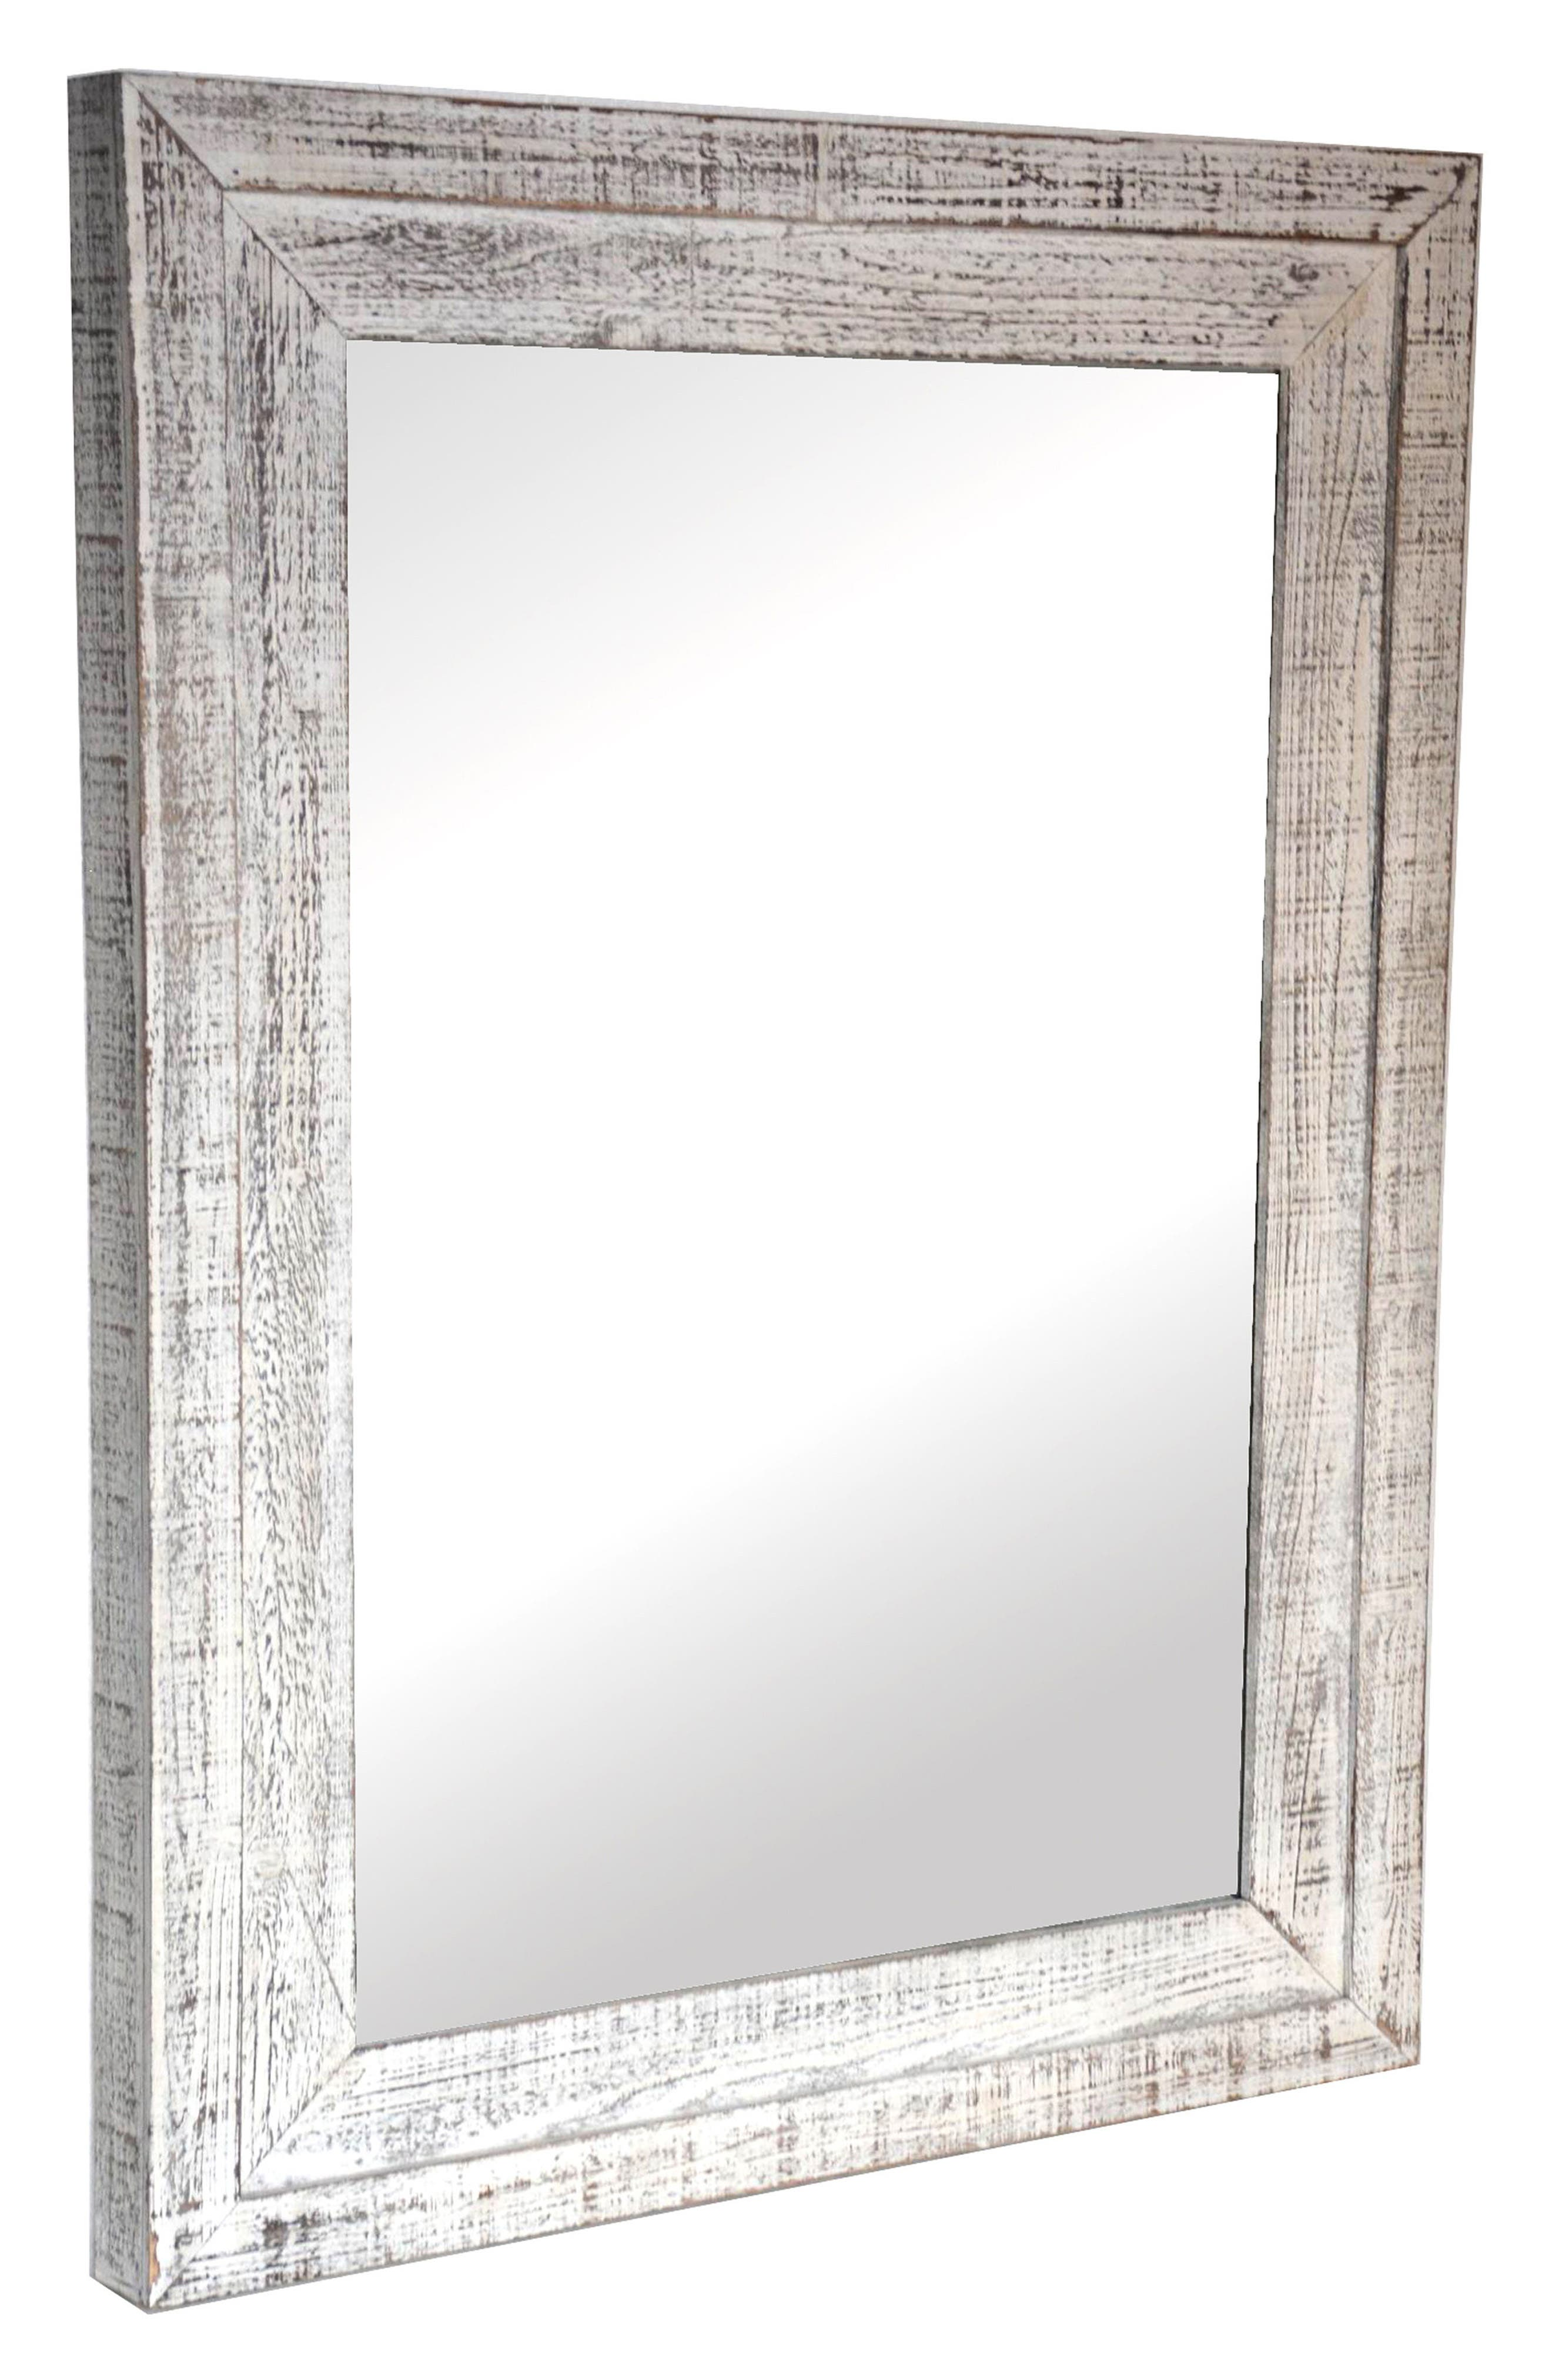 Crystal Art Gallery Farmhouse Wall Mirror